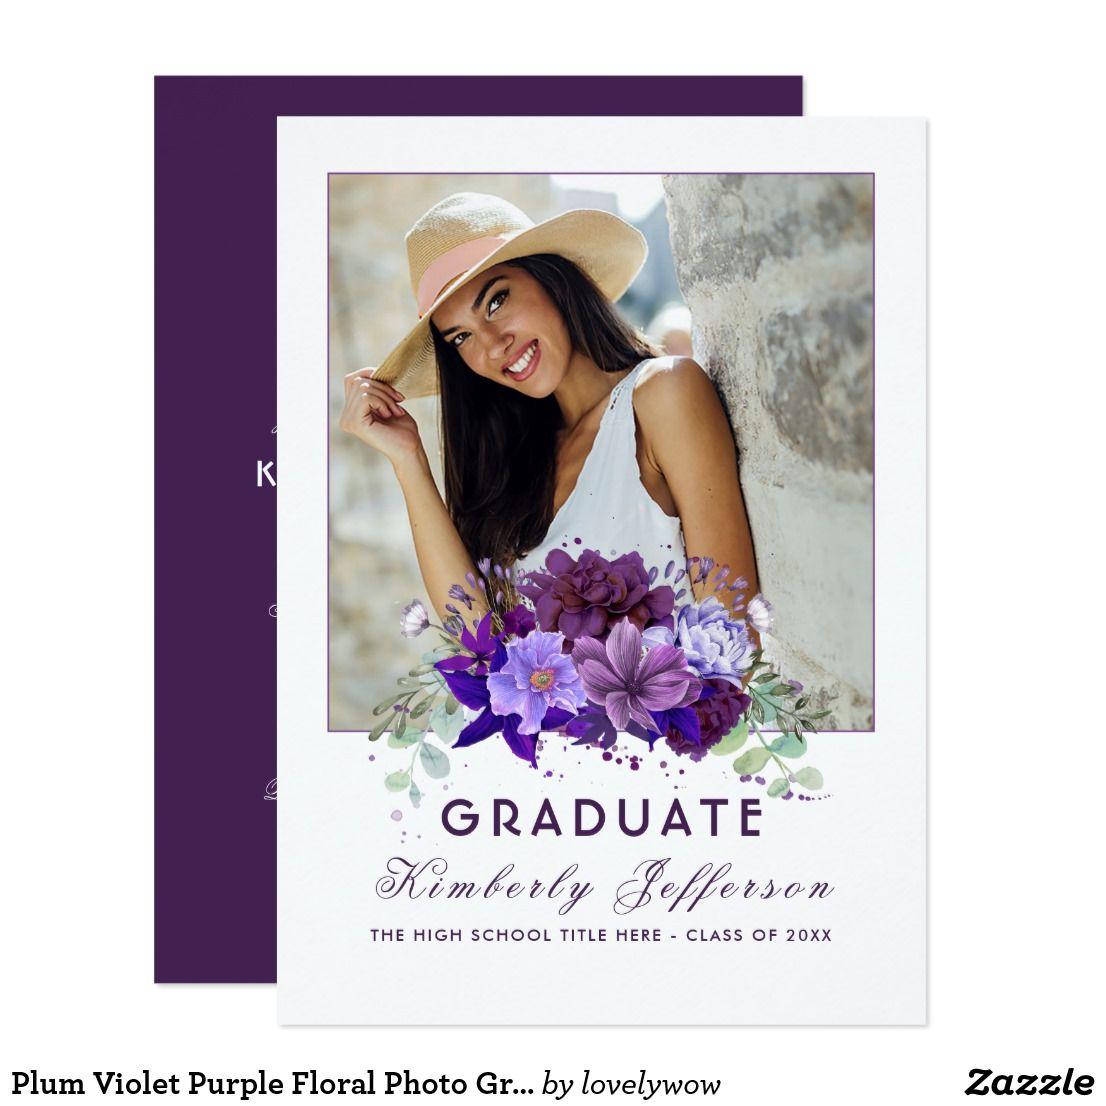 Plum Violet Purple Floral Photo Graduation Card Watercolor Plum And